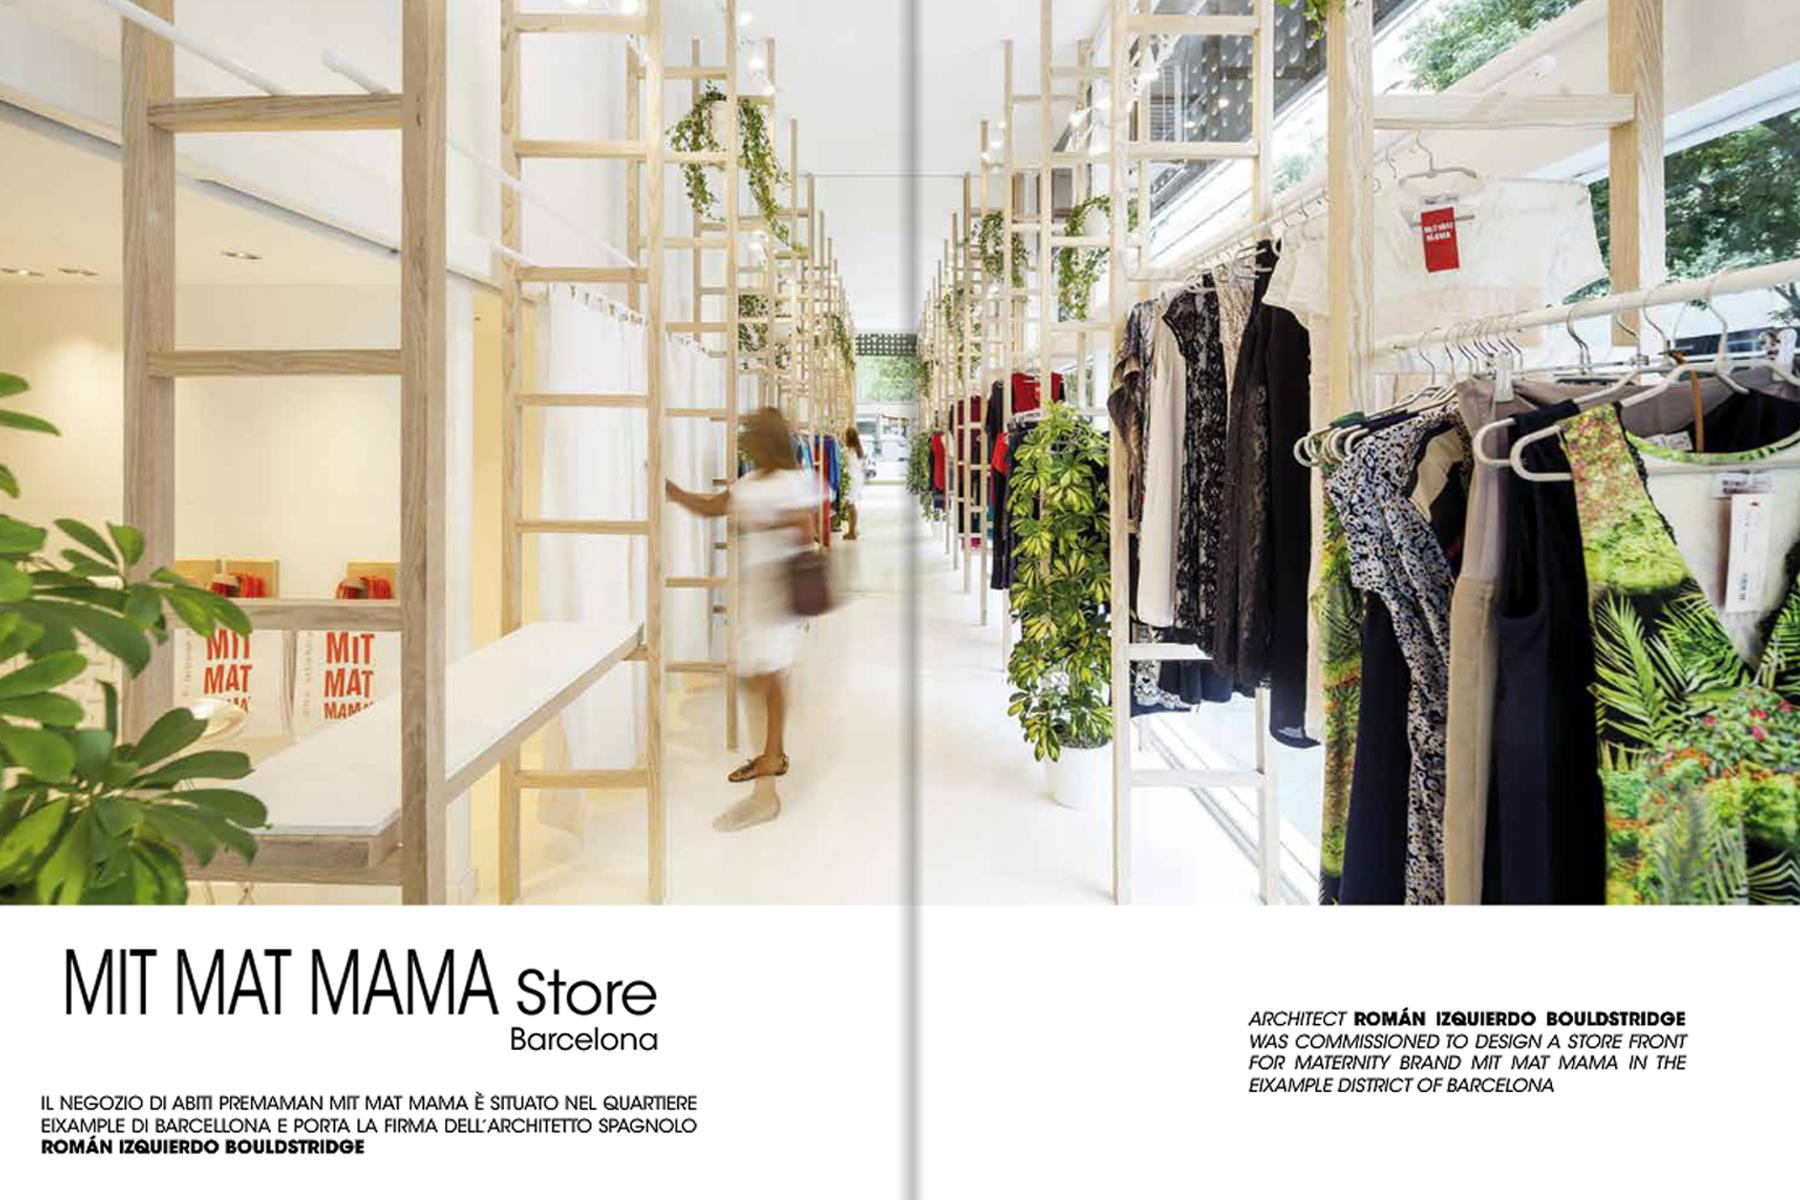 Botiga mit mat mama publicada en la revista l 39 arreda for L arreda negozi